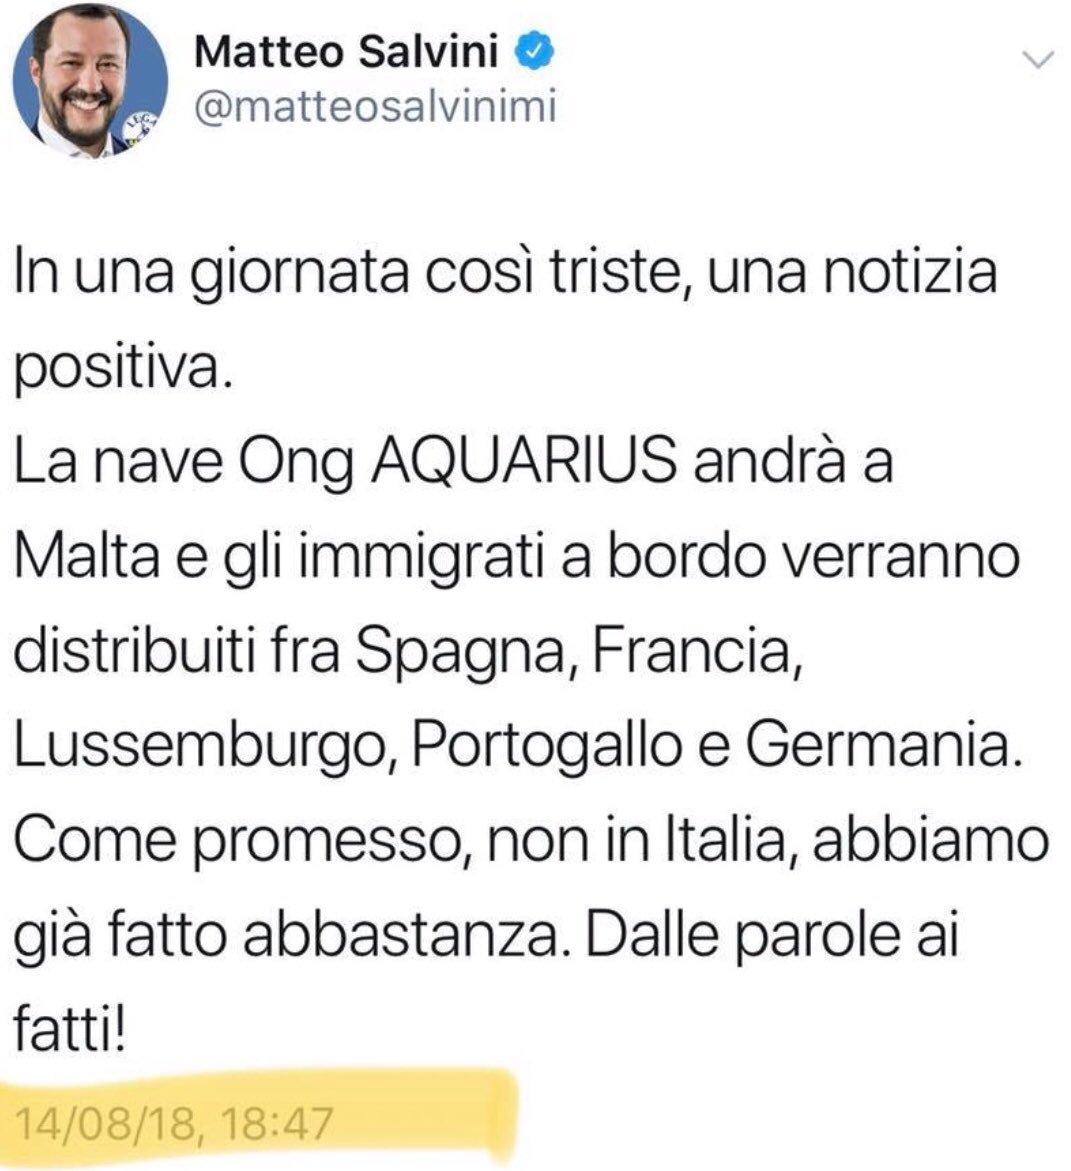 #Genova In una giornata così #triste, abbiamo l'ennesima conferma che il ministro(!) #Salvini - confonde #migranti con immigrati: #primalitaliano, almeno  - Ukustom